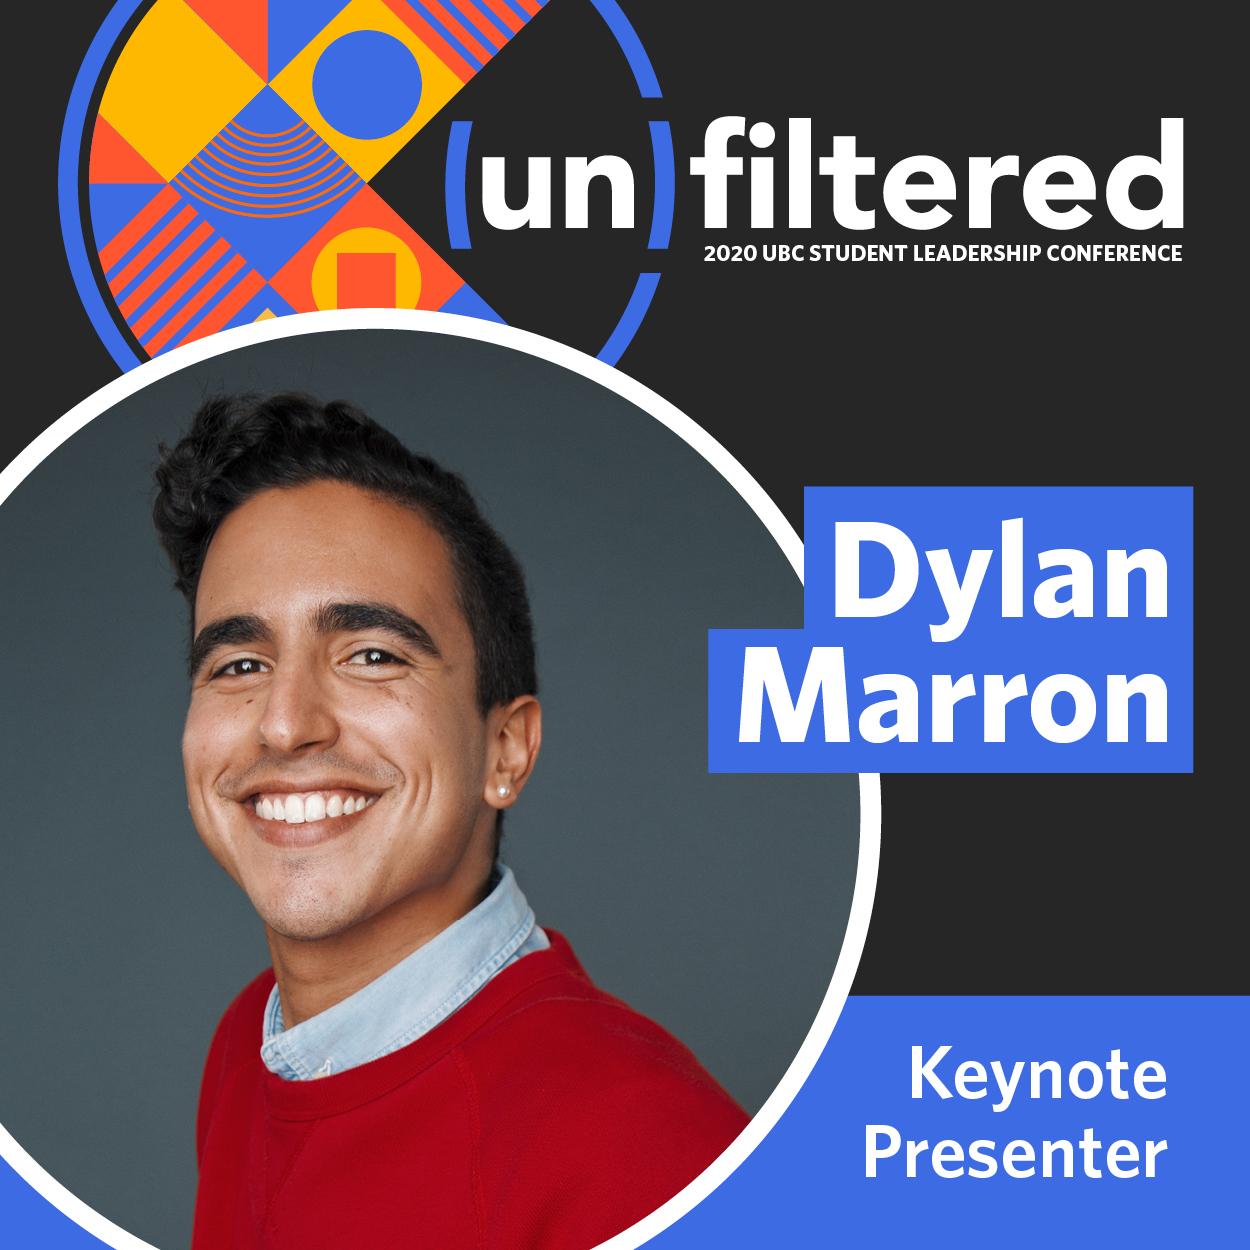 2020 SLC Keynote Presenter Dylan Marron